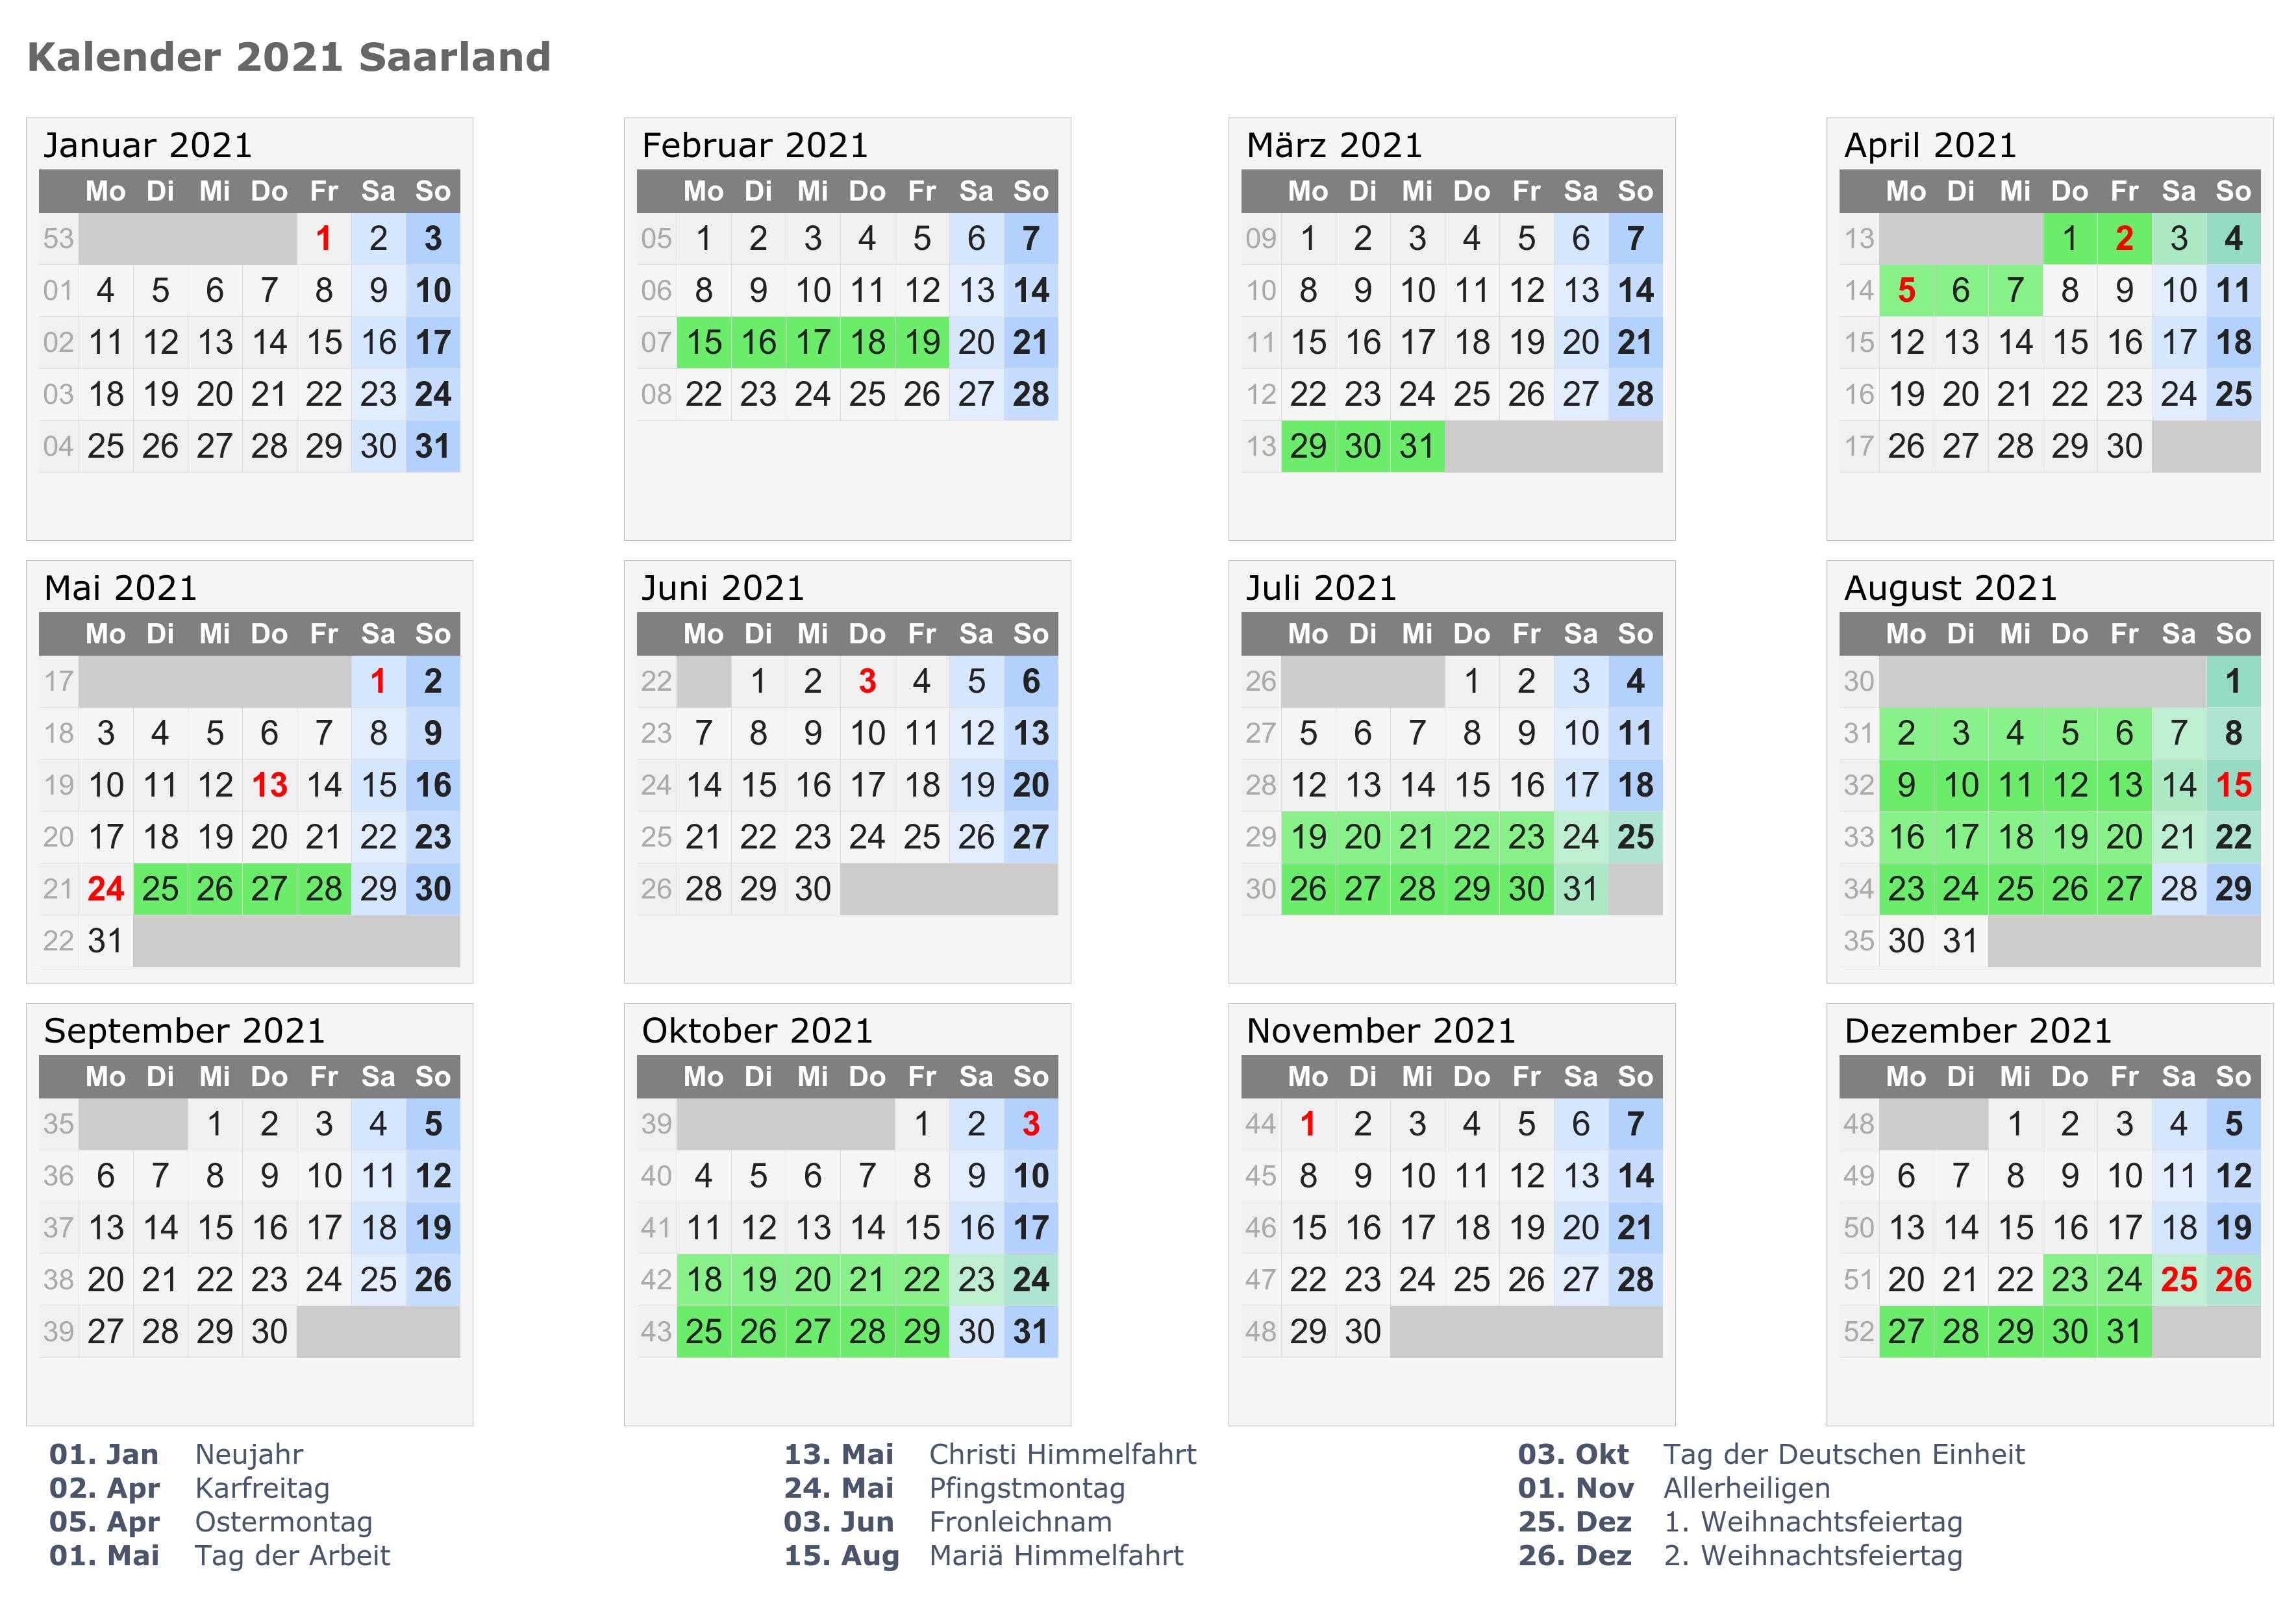 Wann Sind Die Sommerferien Saarland 2021? | Druckbarer ...